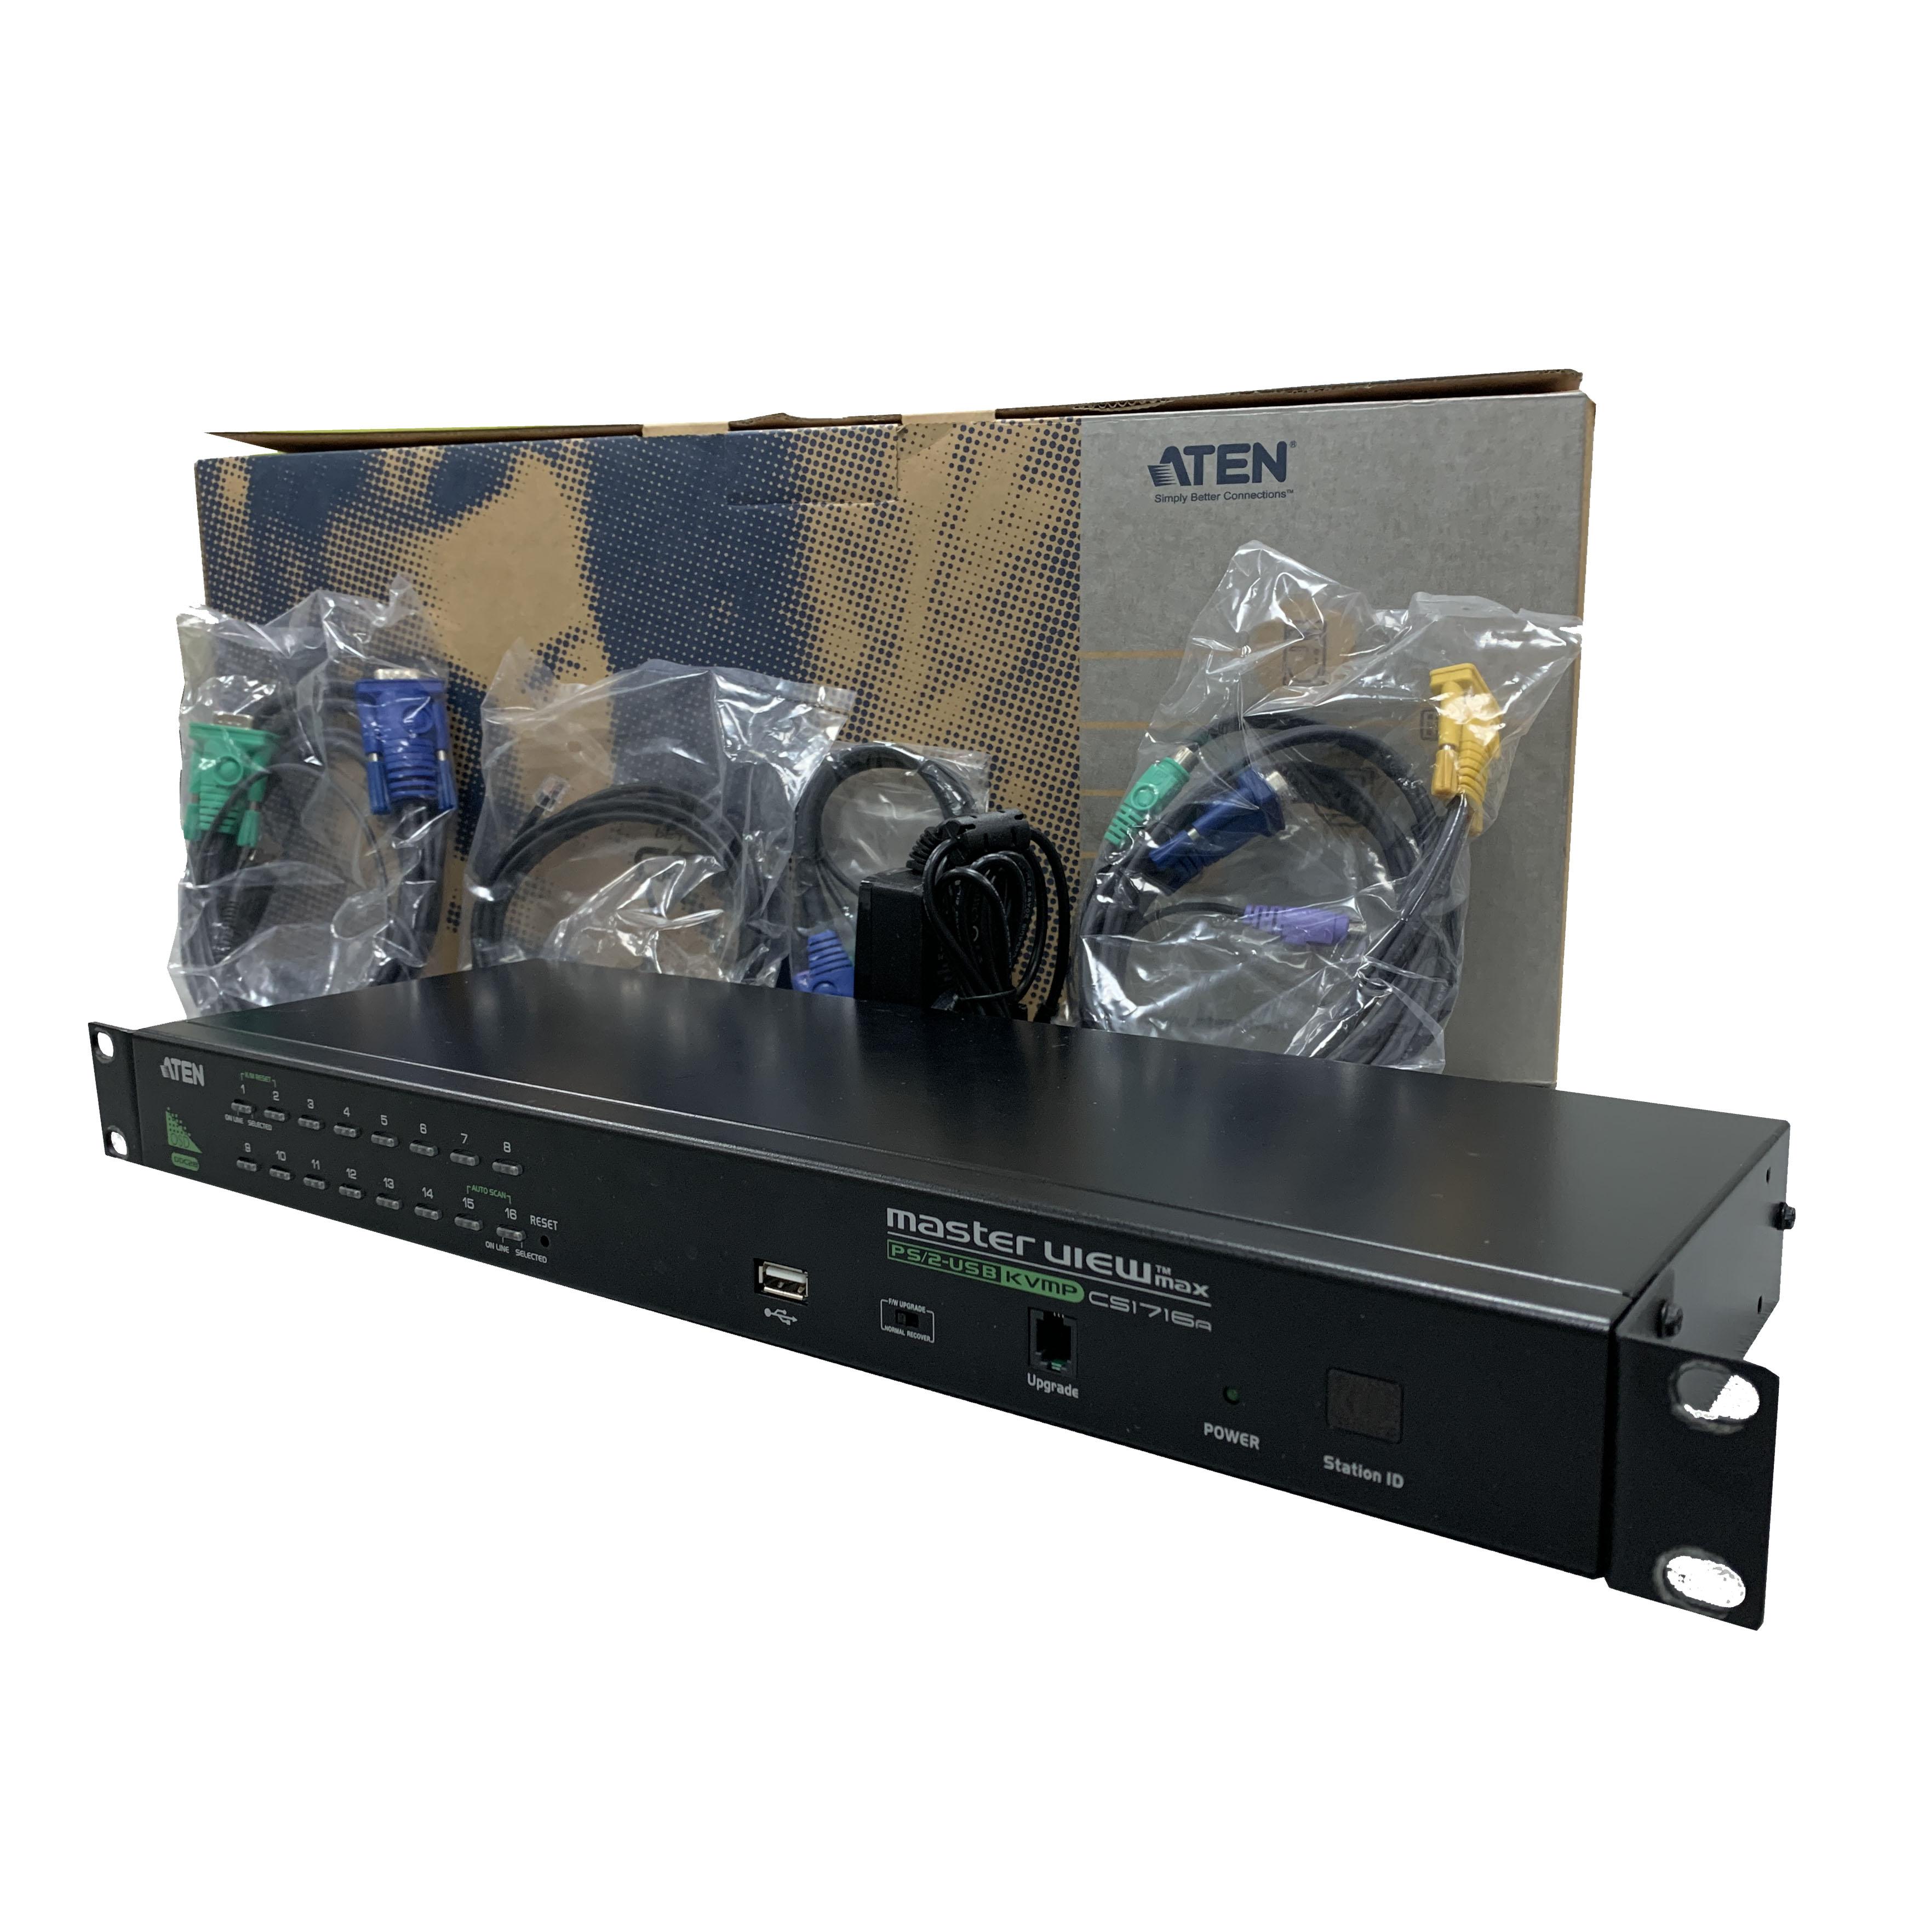 Bổ chuyển đổi PS/2-USB VGA KVM Switch 16 port - Aten CS1716A- Hàng chính hãng